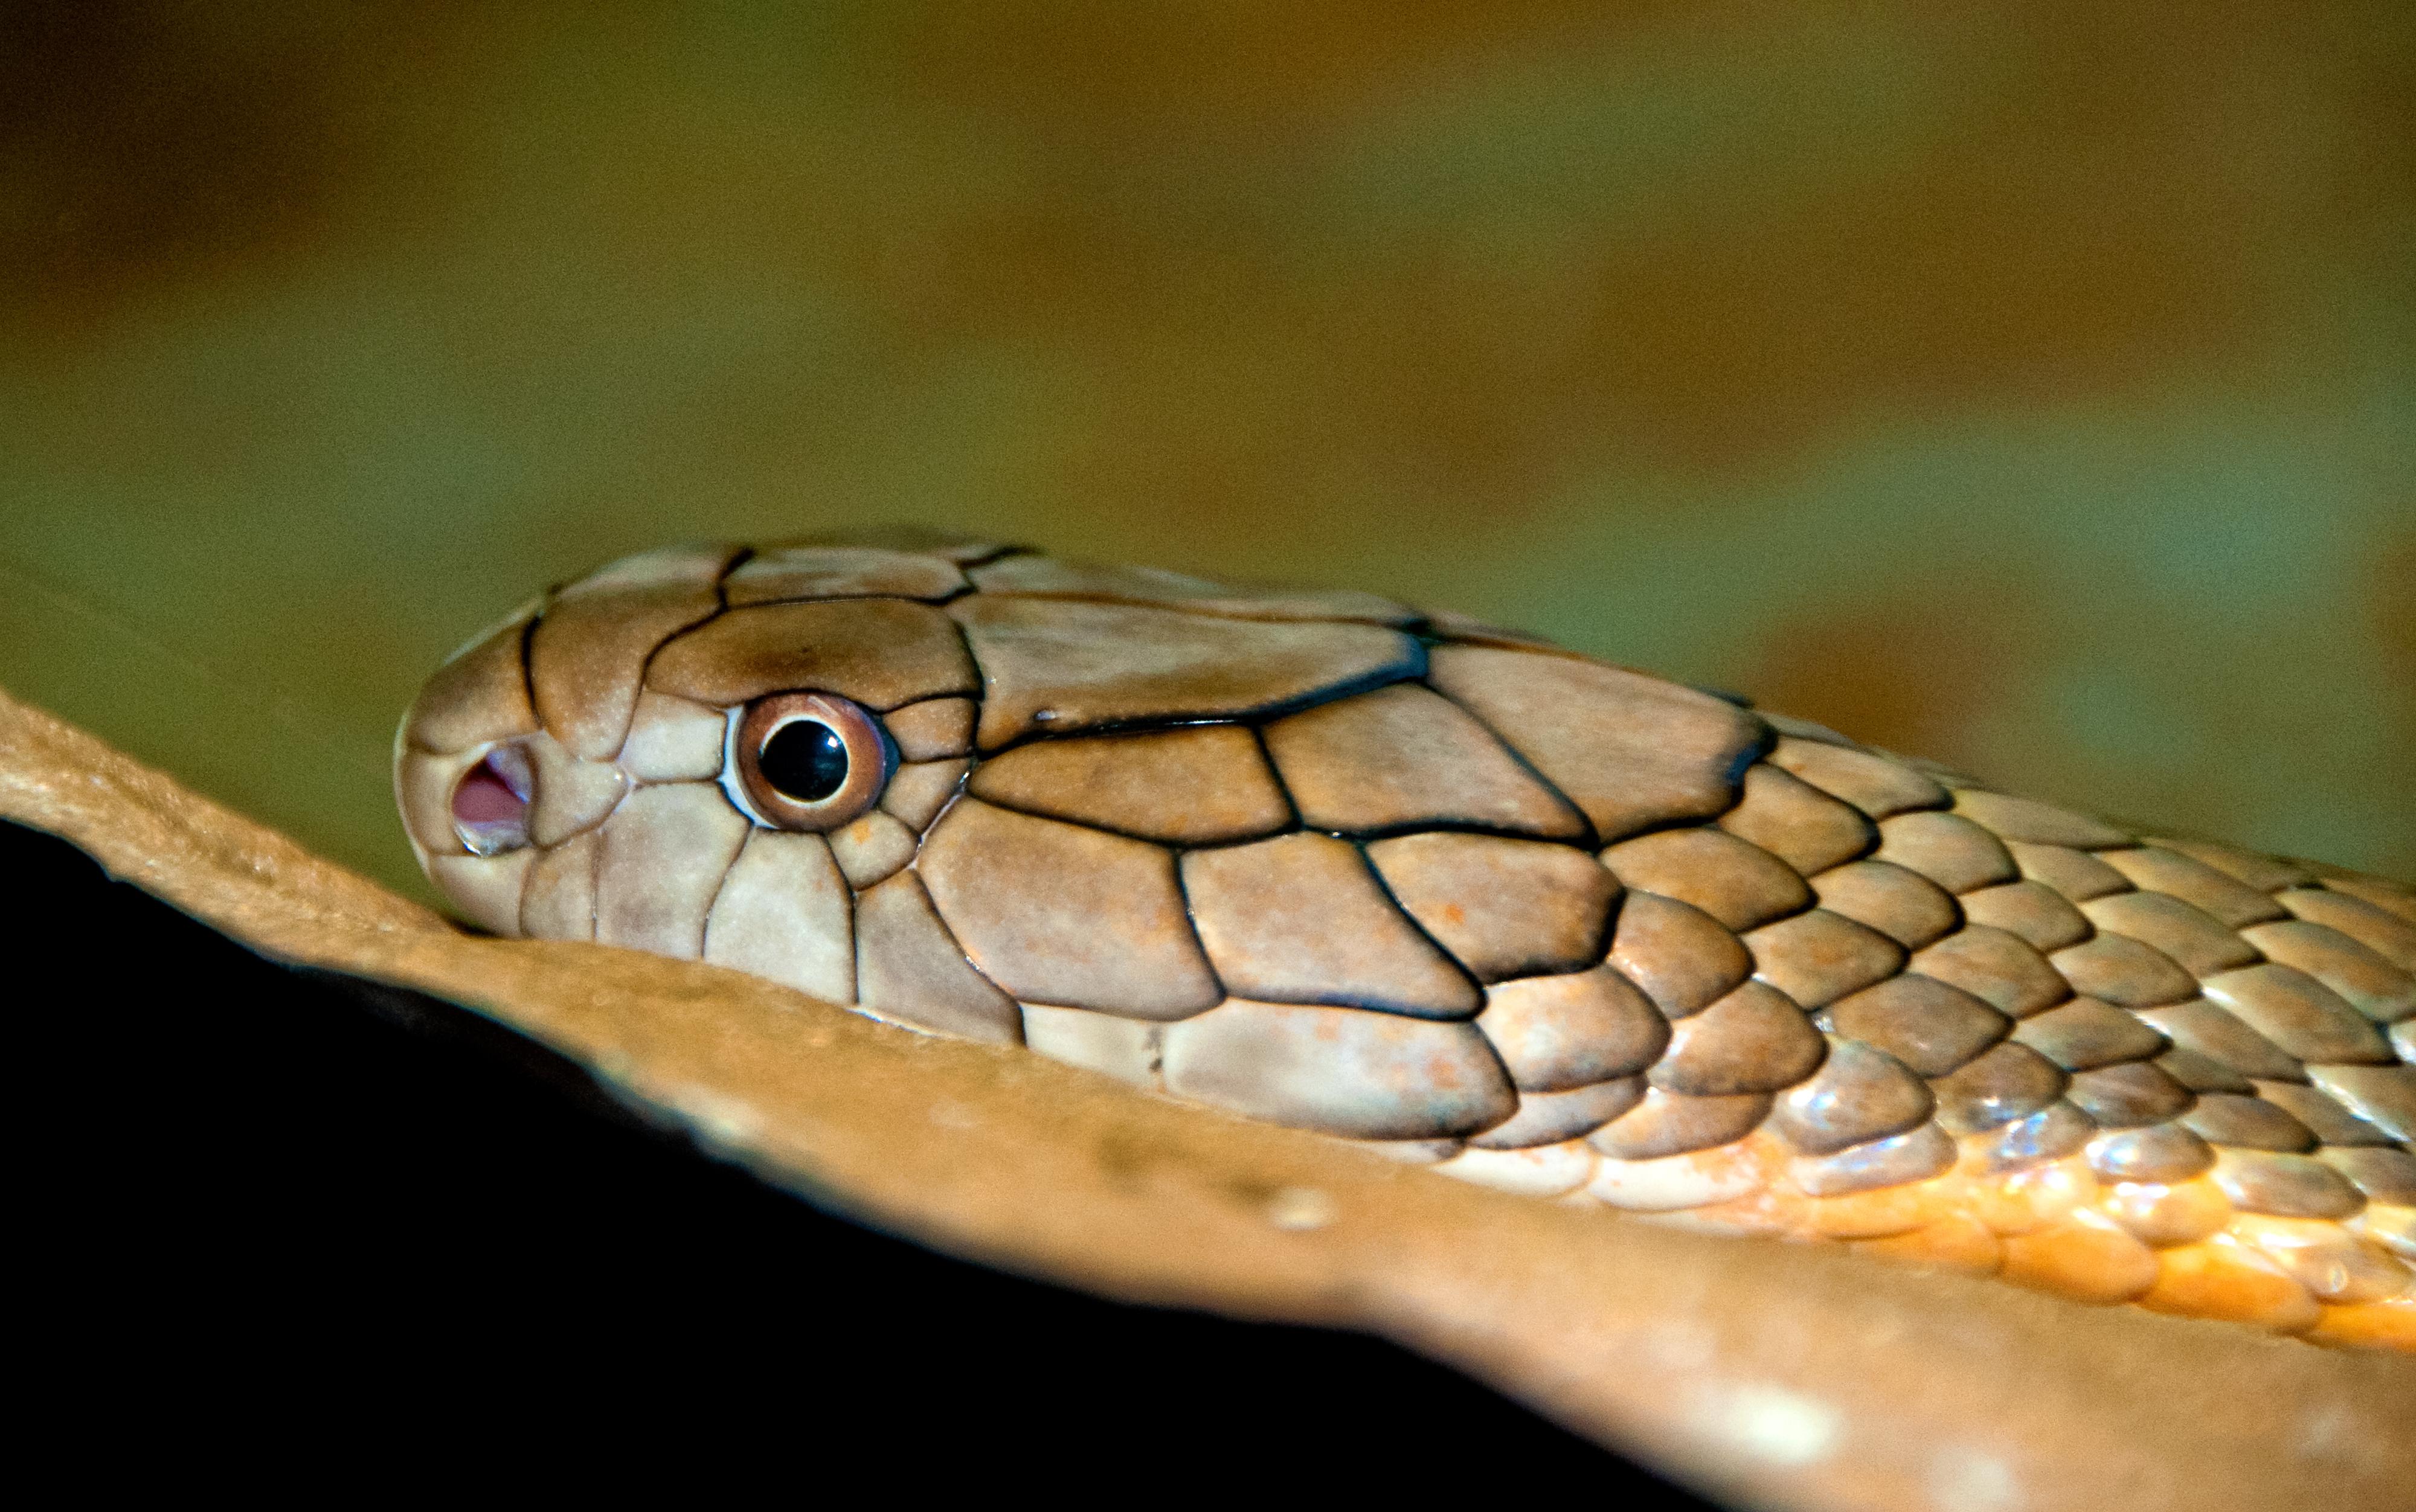 king-cobra-snake-farm-bangkok-photo-4725.jpg